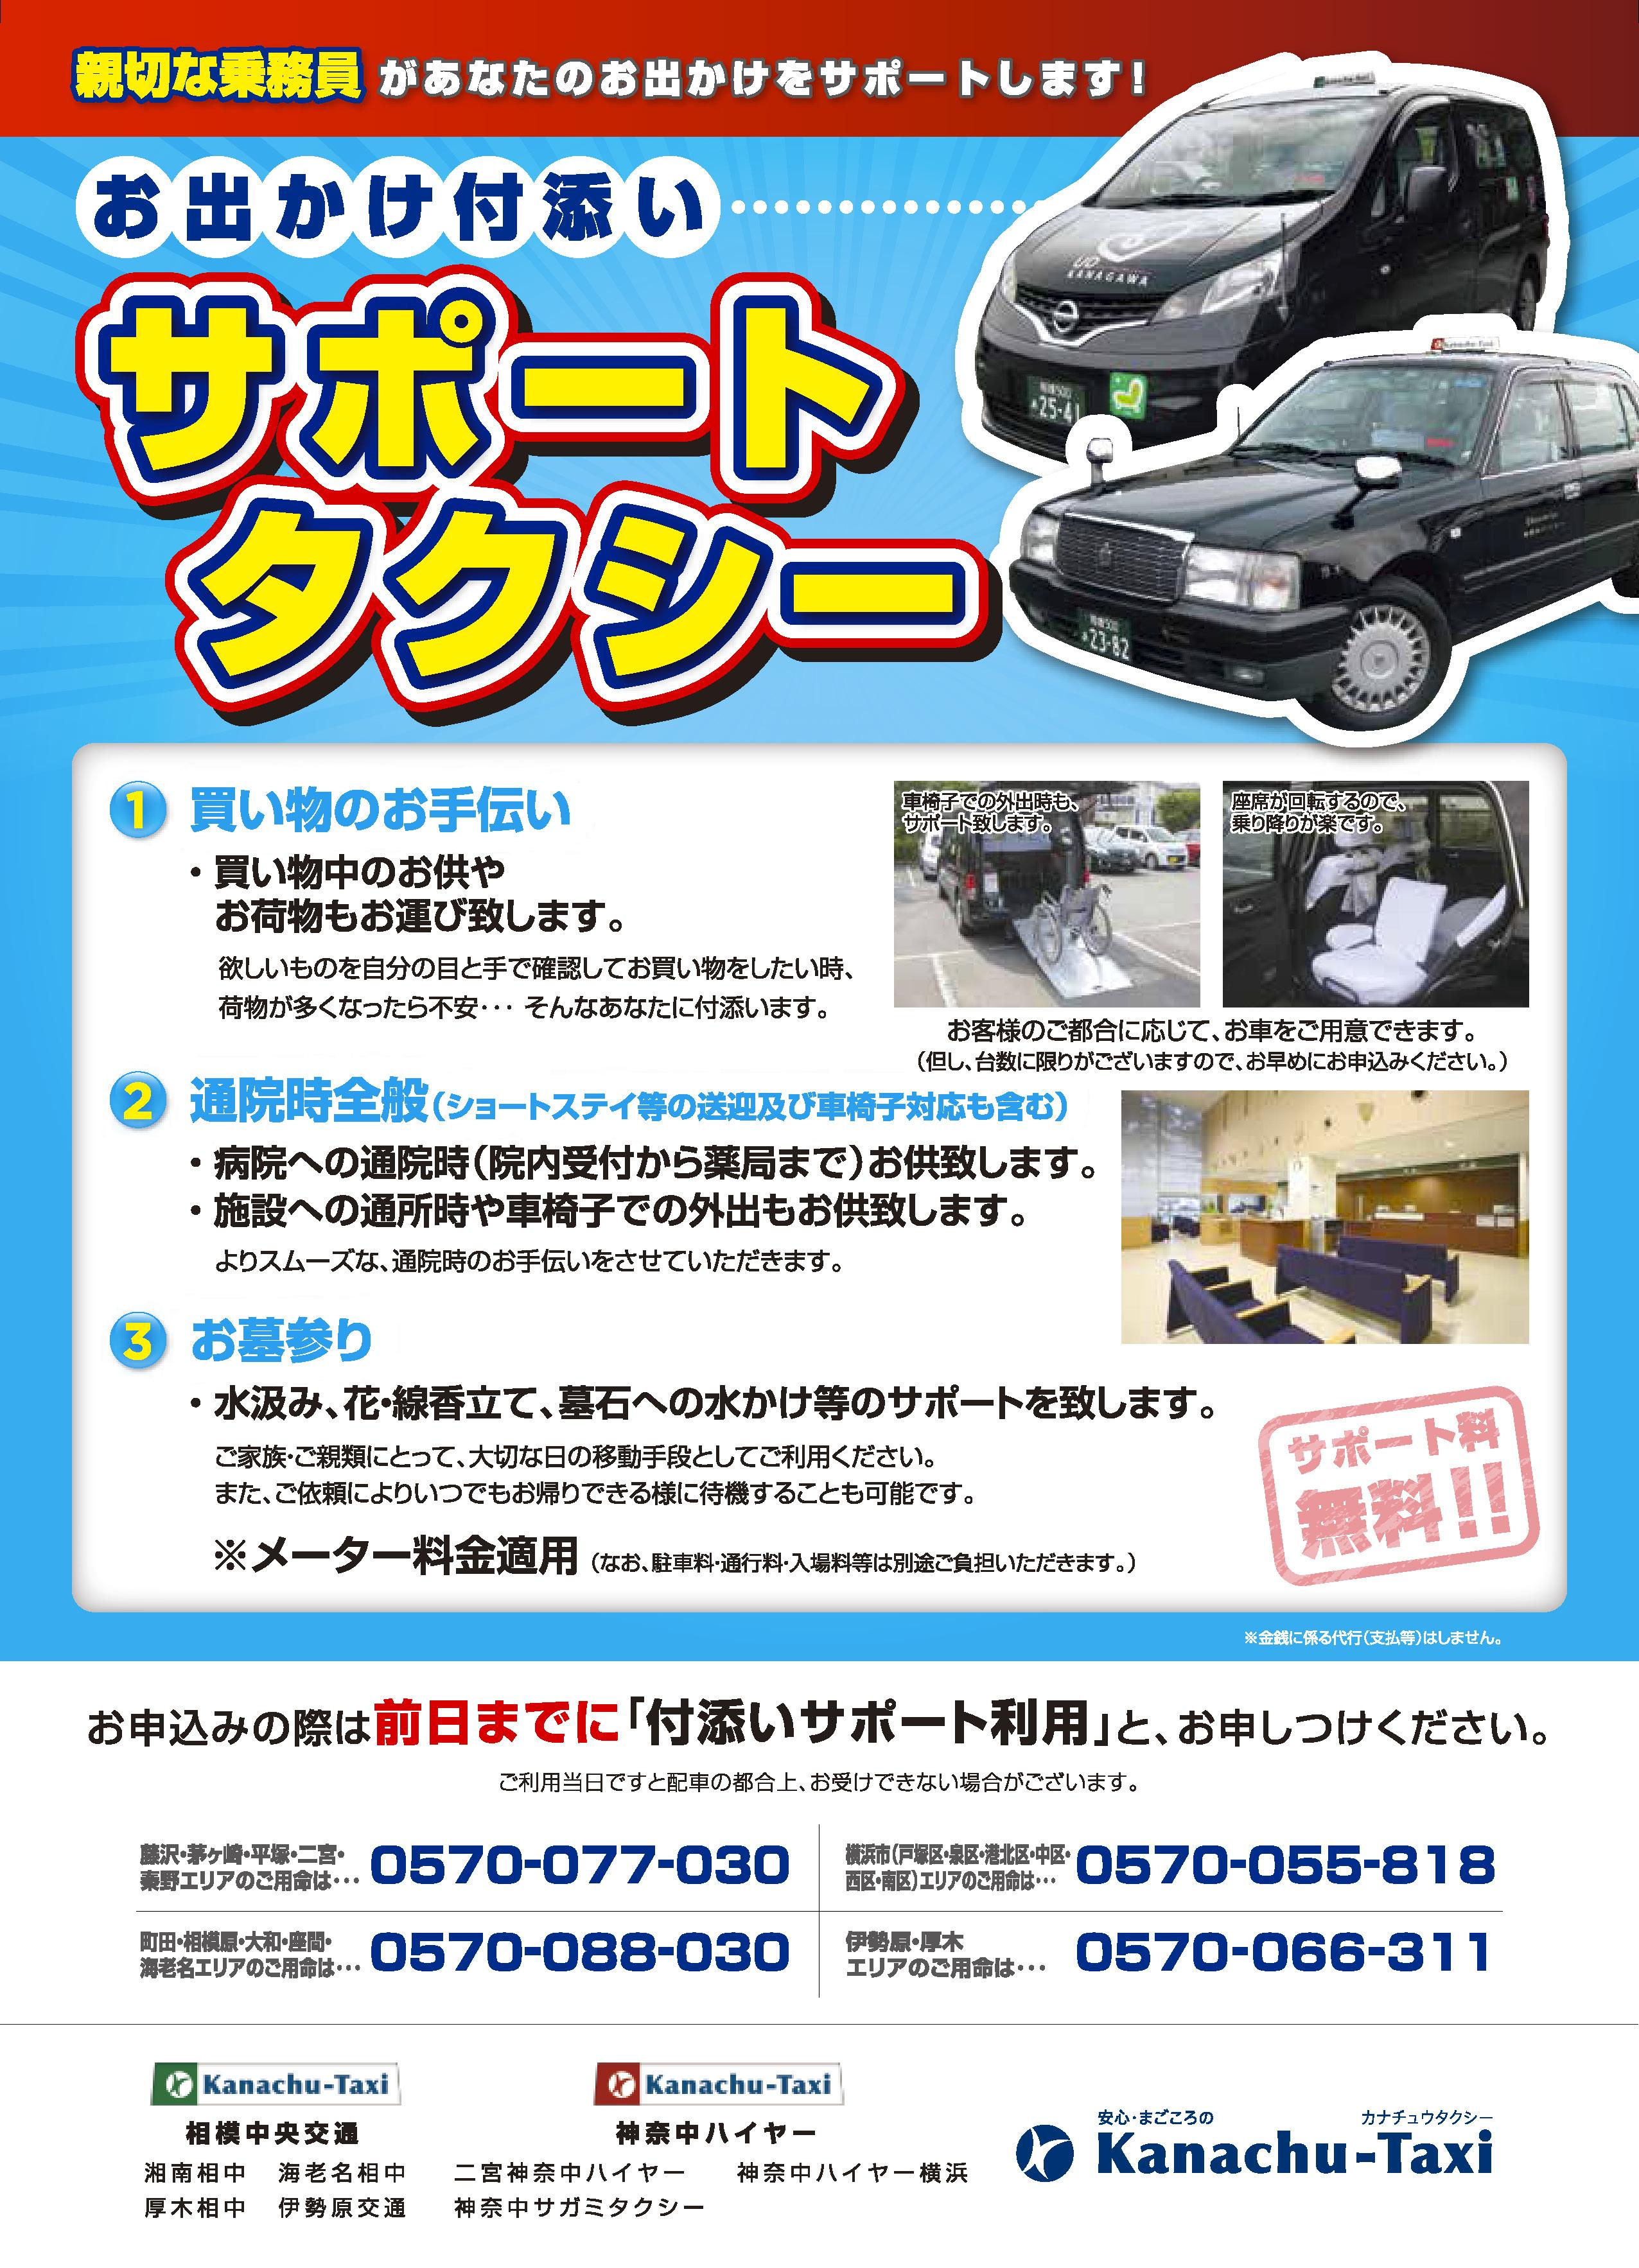 神奈中タクシー_付き添いサポートタクシーチラシ_1128_A (1)ver3